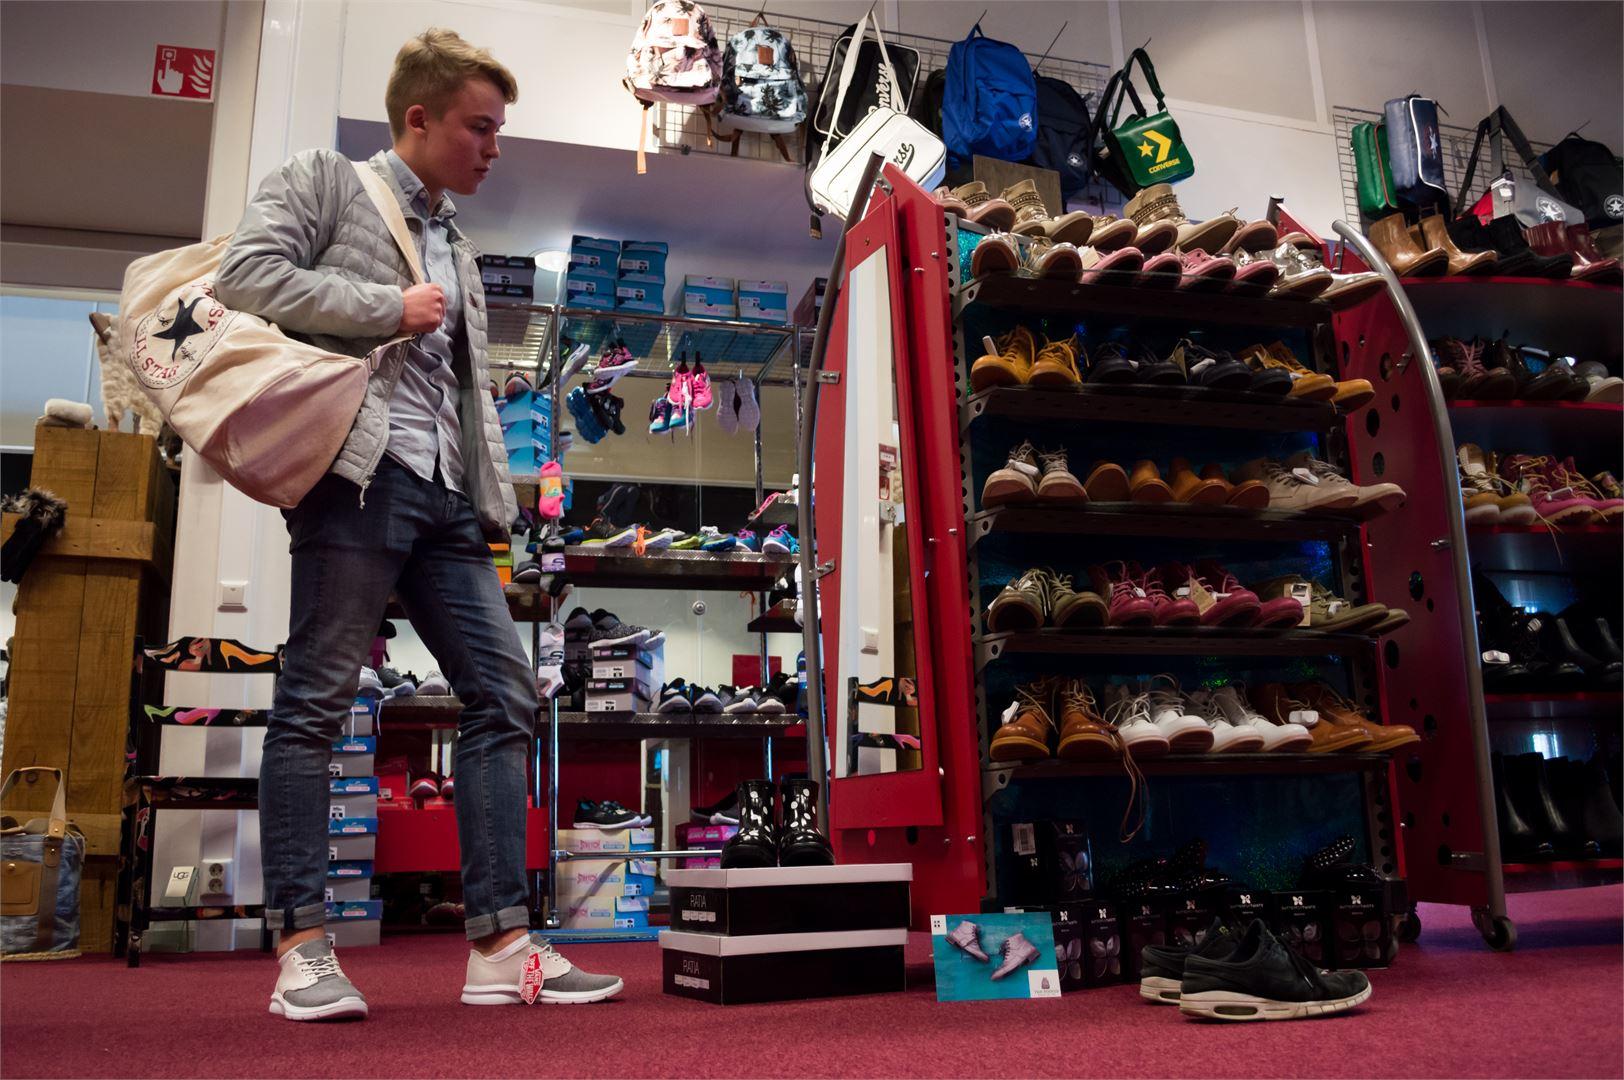 Arttu valitsi itselleen Conversen luonnonvalkoisen treenikassin (65€) ja sille pariksi Vansin vaaleat kangaskengät (110€).